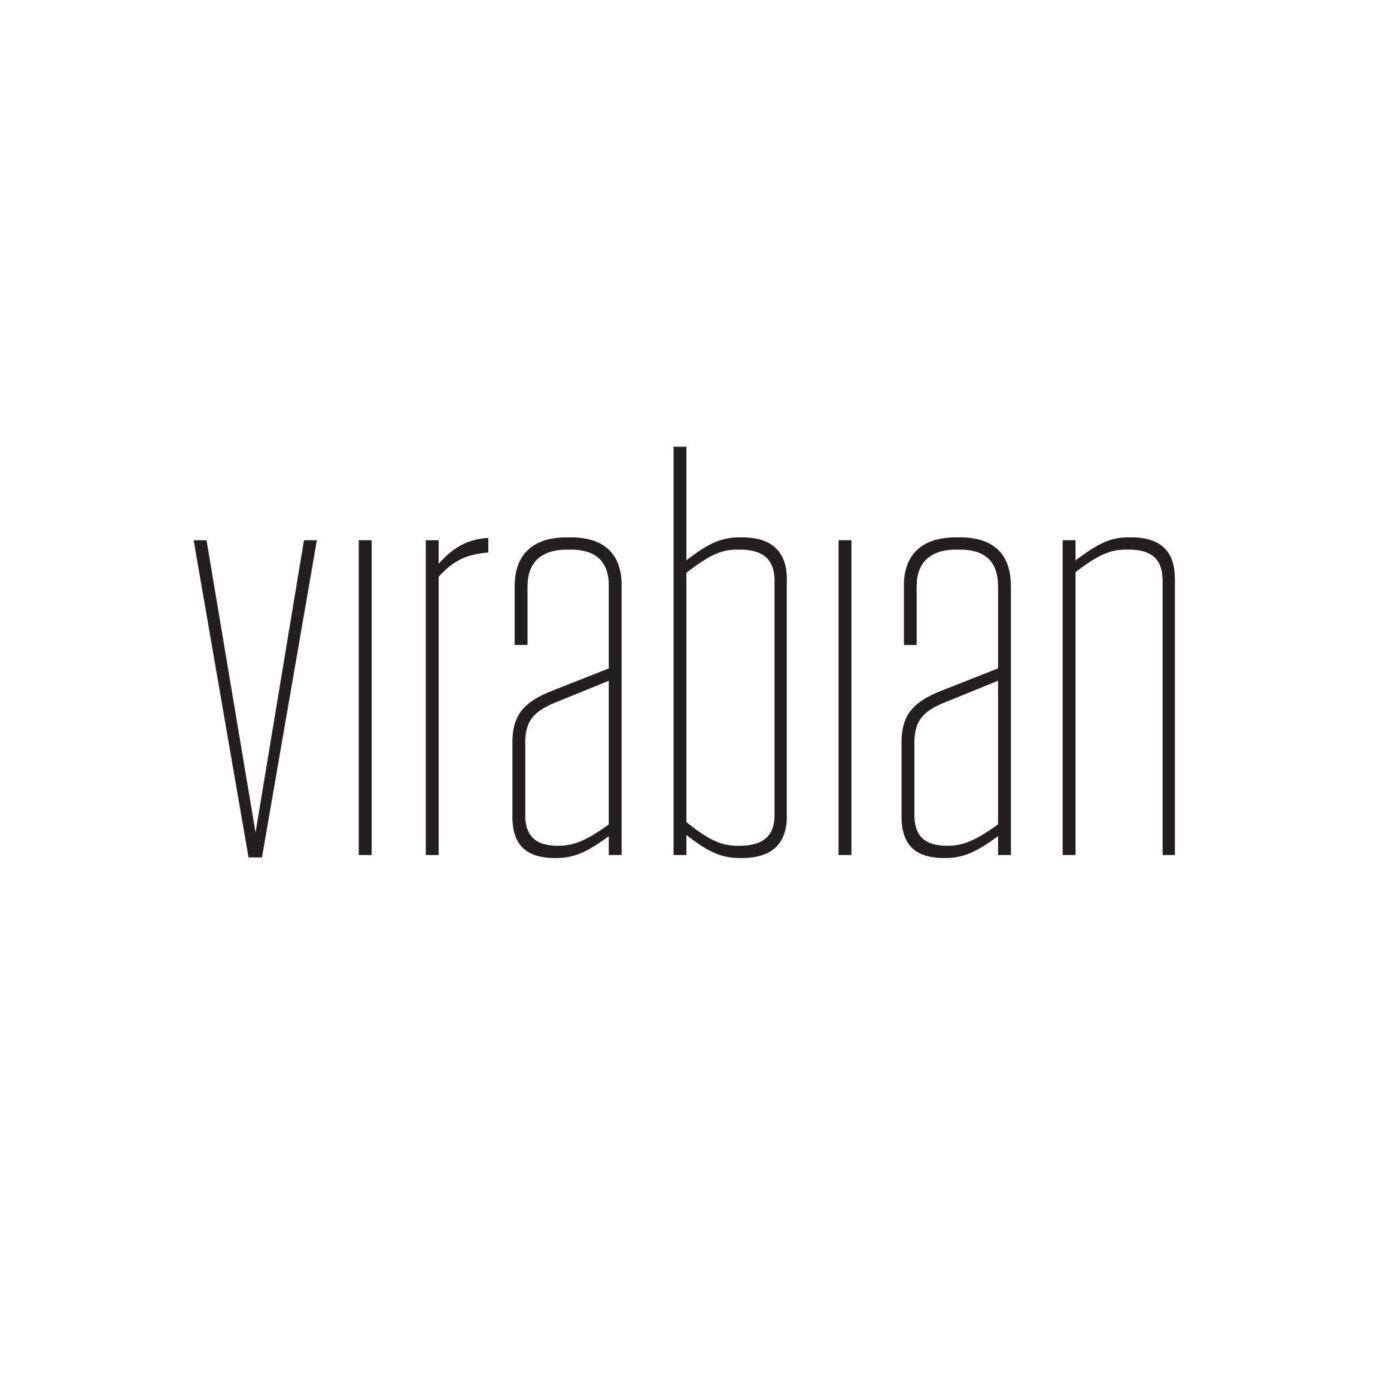 Virabian logo Henryk Virabian